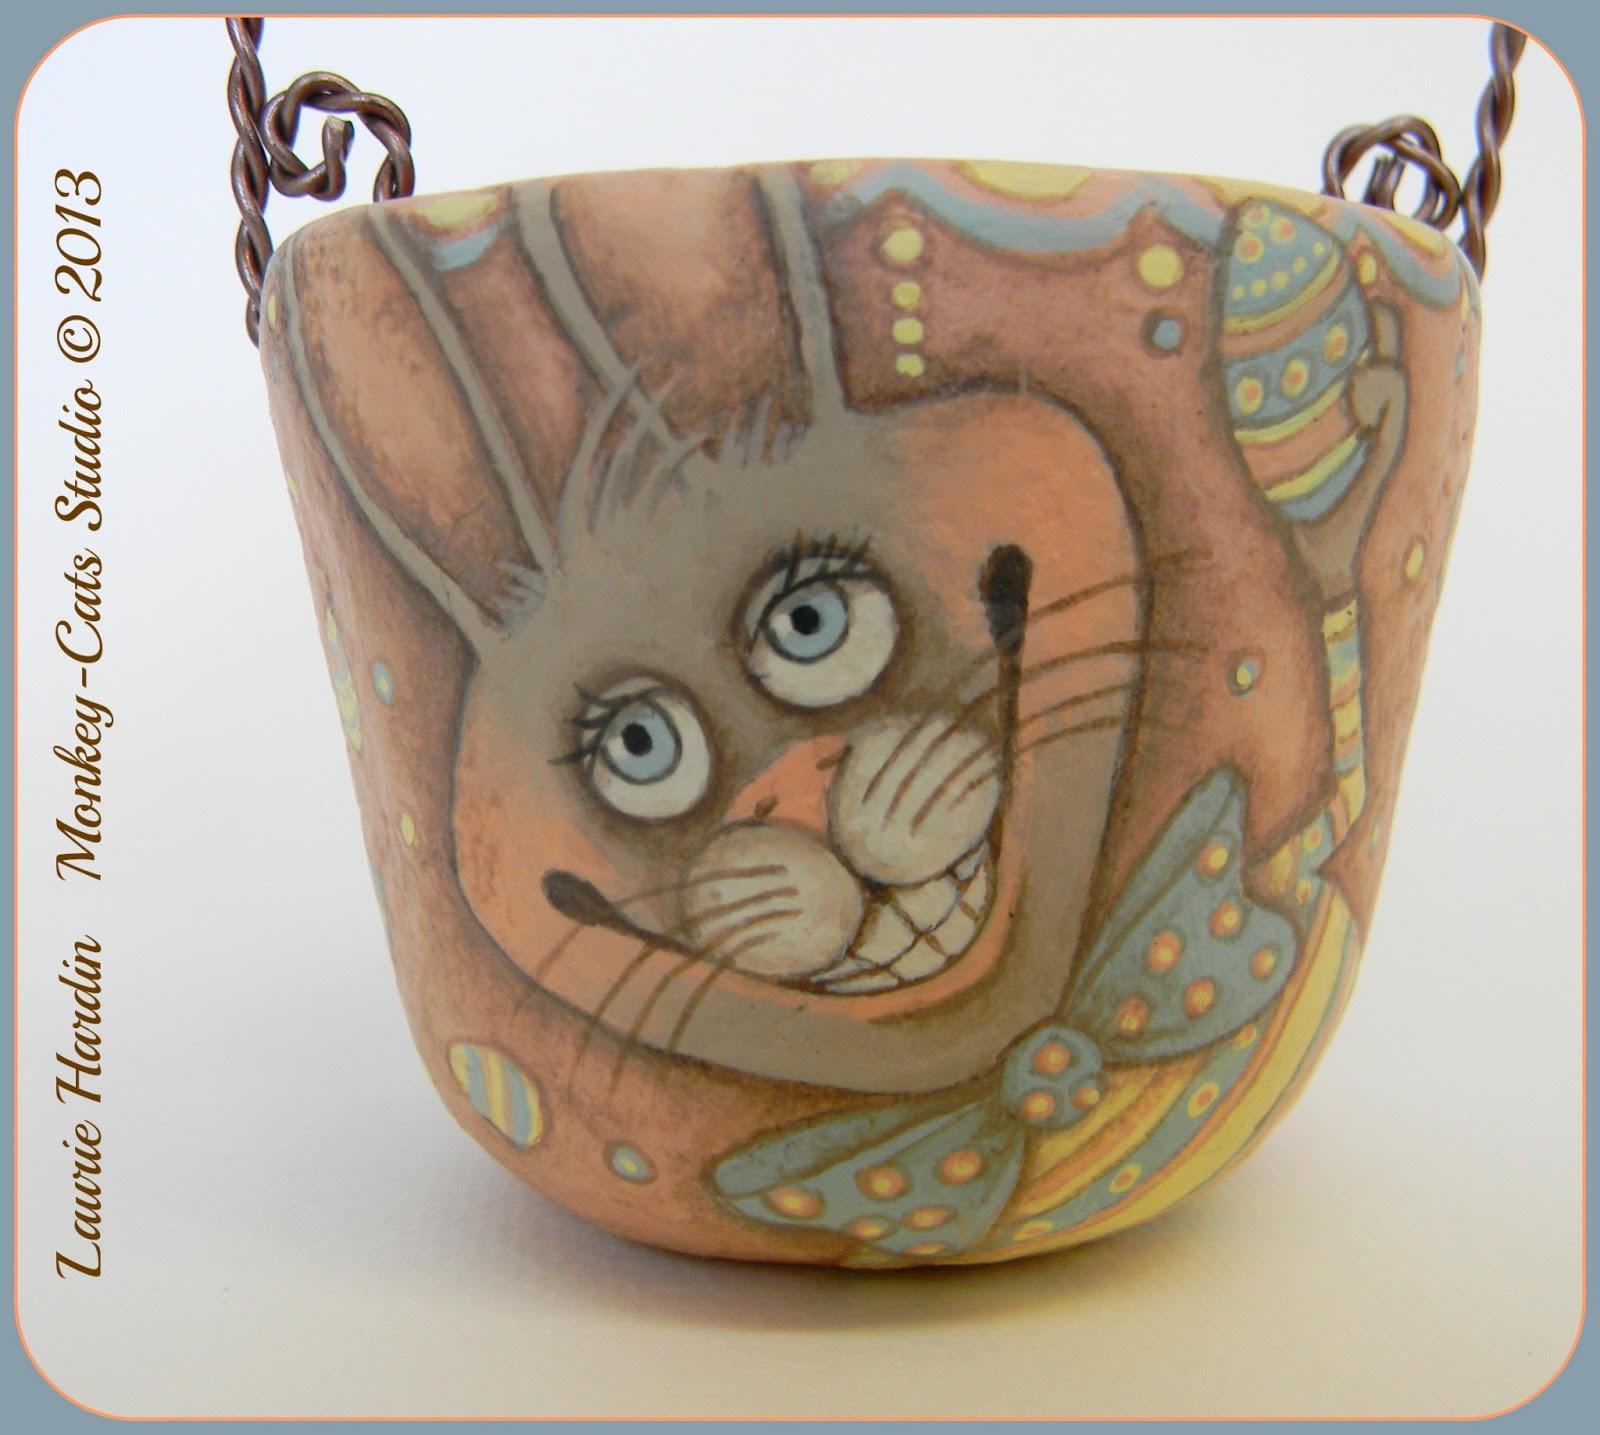 http://4.bp.blogspot.com/-vXvbsaw7d5g/URkohwRnjII/AAAAAAAACPk/3qO1XwAVUaM/s1600/Barney+Candy+cup+close+up.jpg